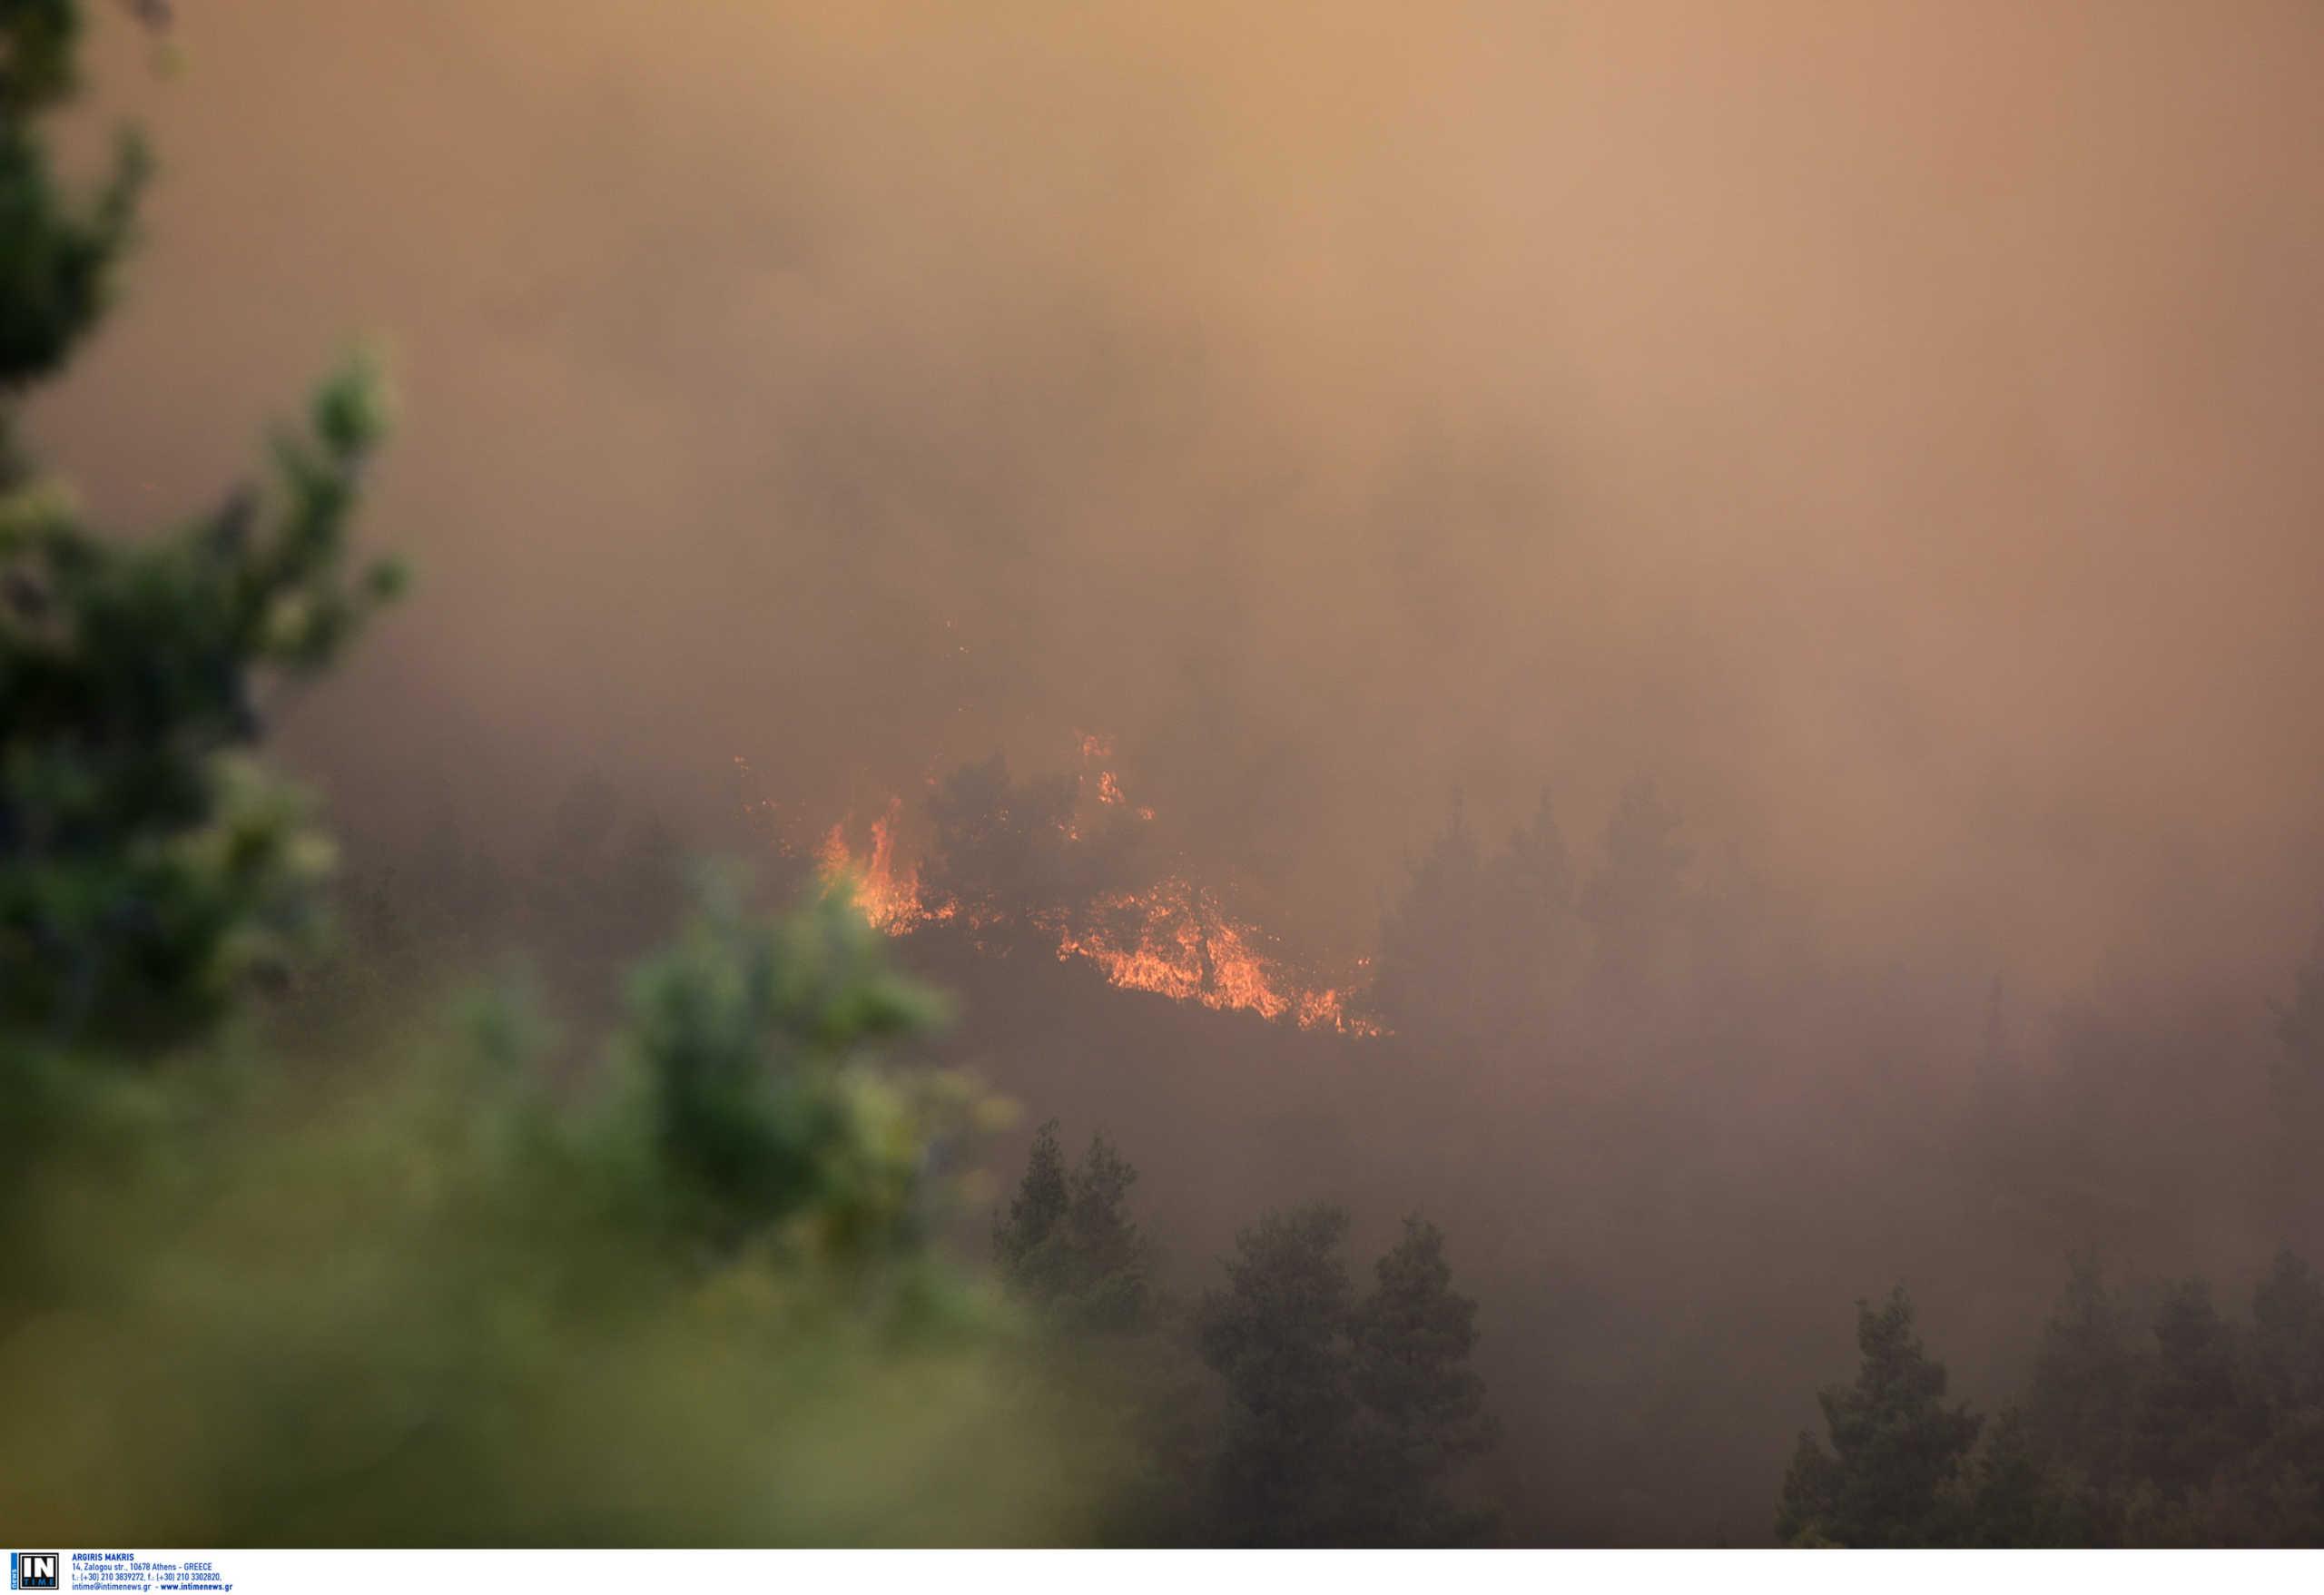 Κορινθία: Σε εξέλιξη φωτιά στο Ζευγολατιό! Αποπνικτική η ατμόσφαιρα από τους καπνούς (Βίντεο)